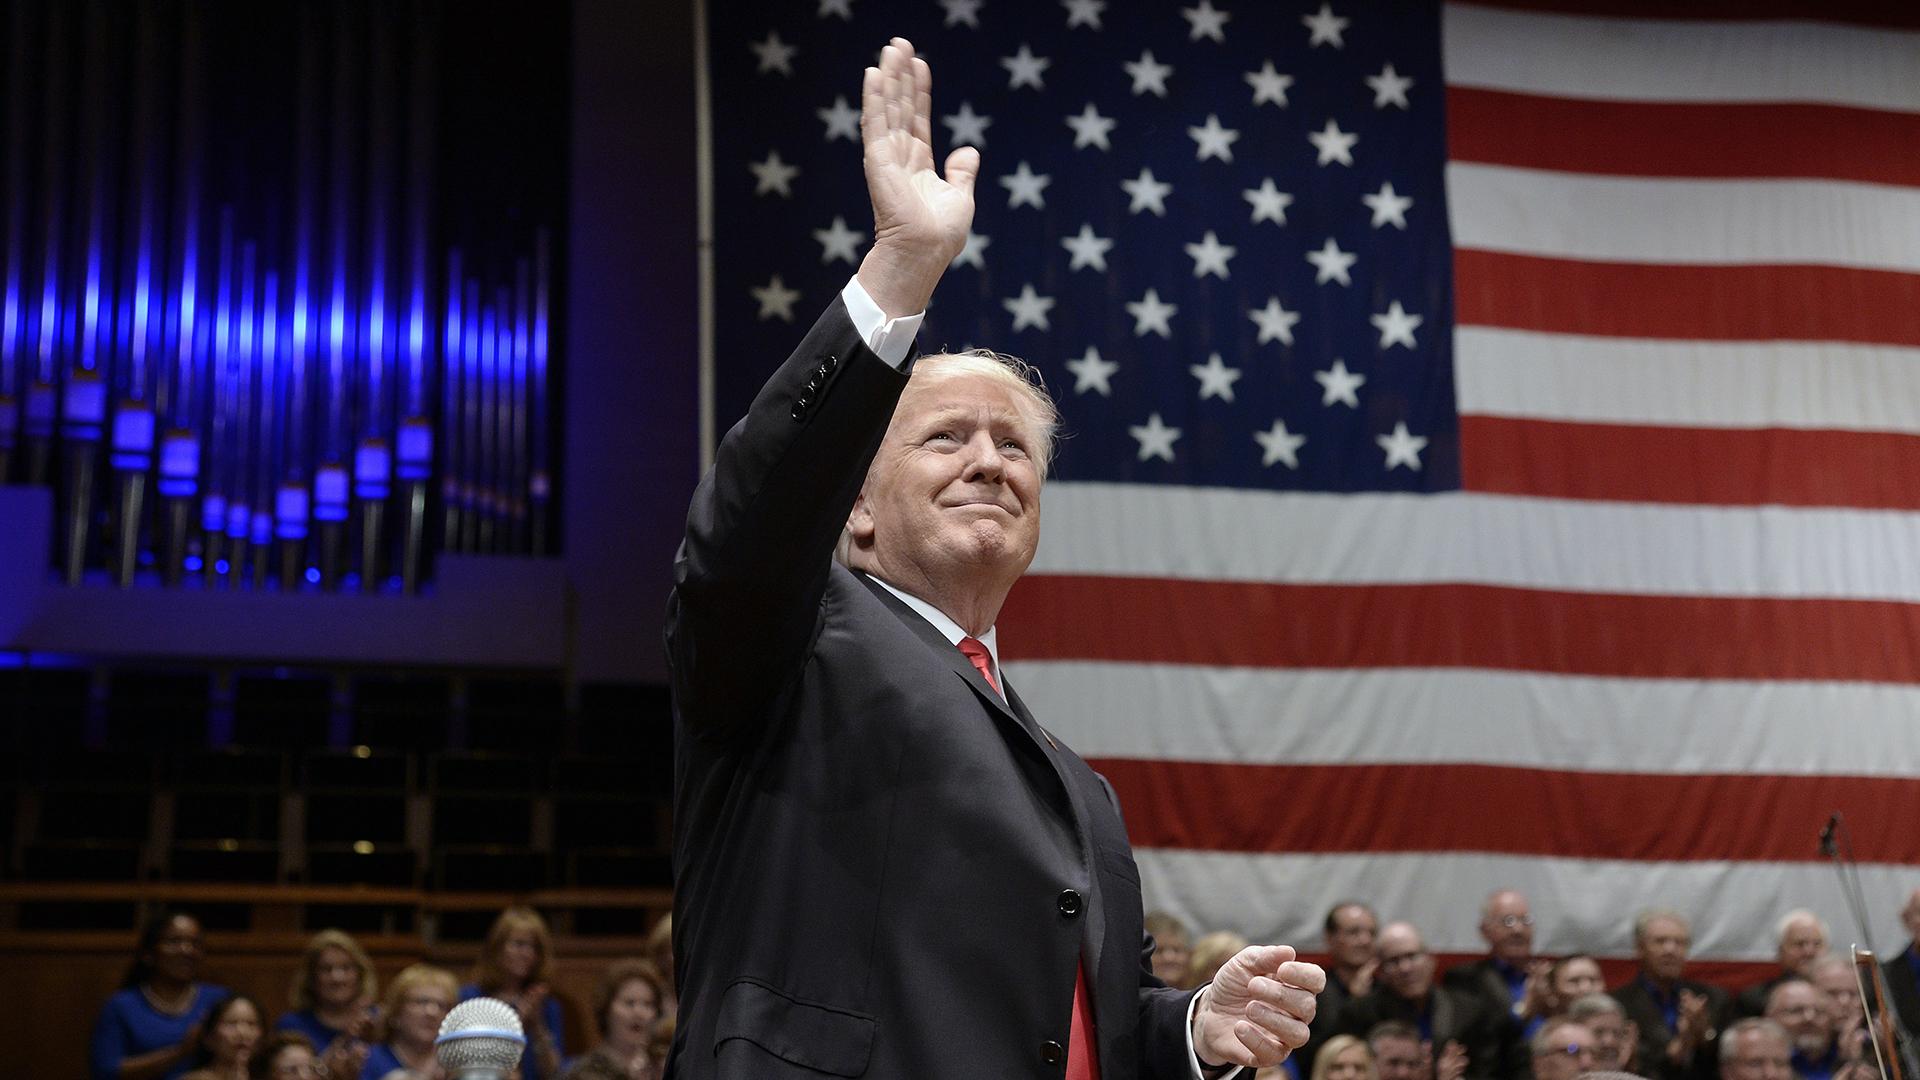 President Trump waves American flag in background-159532.jpg75762161